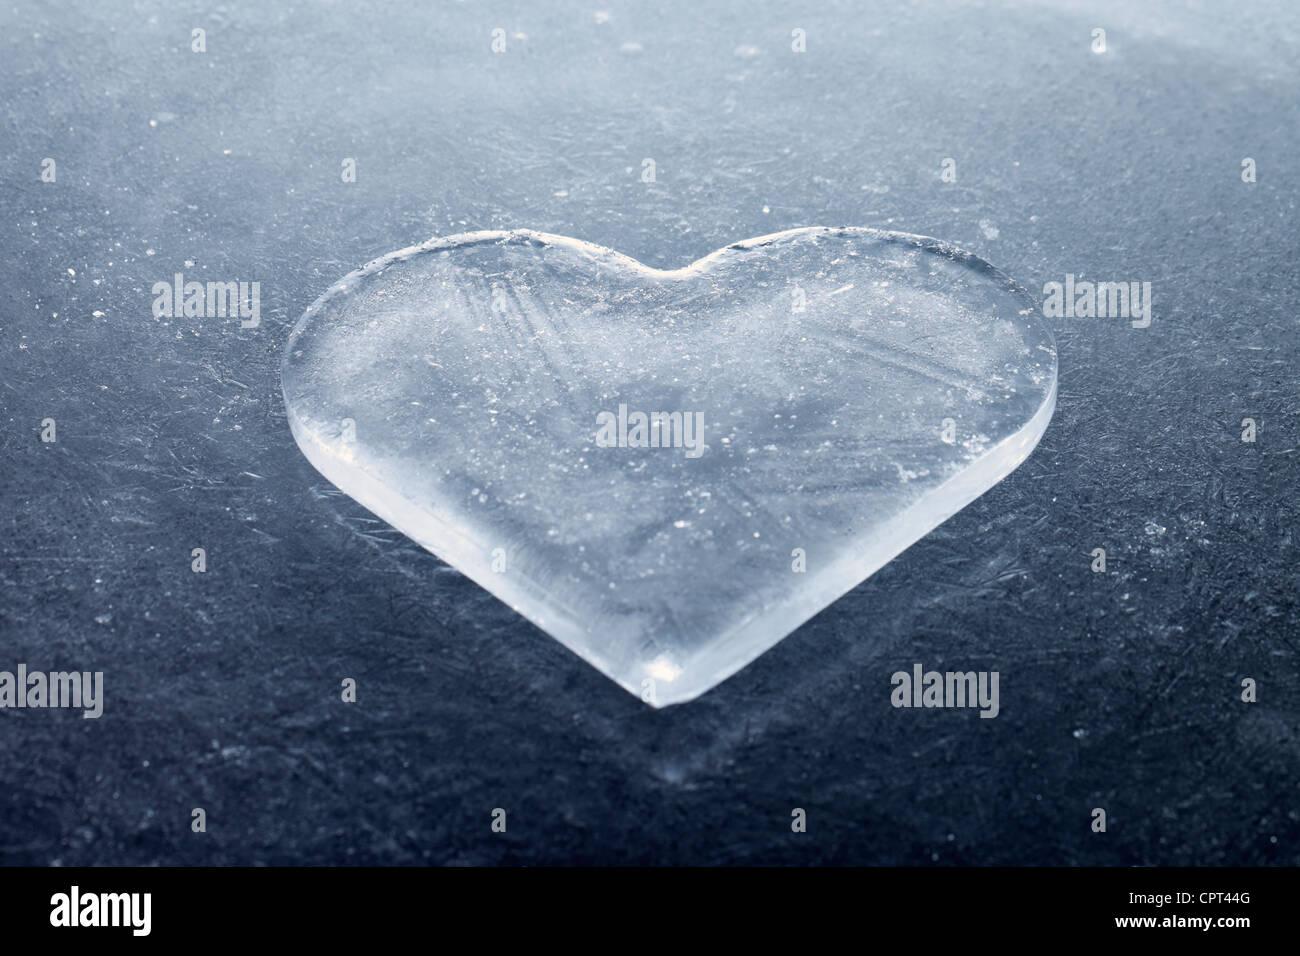 Ein Stück Eis wie ein Herz geformt. Stockfoto